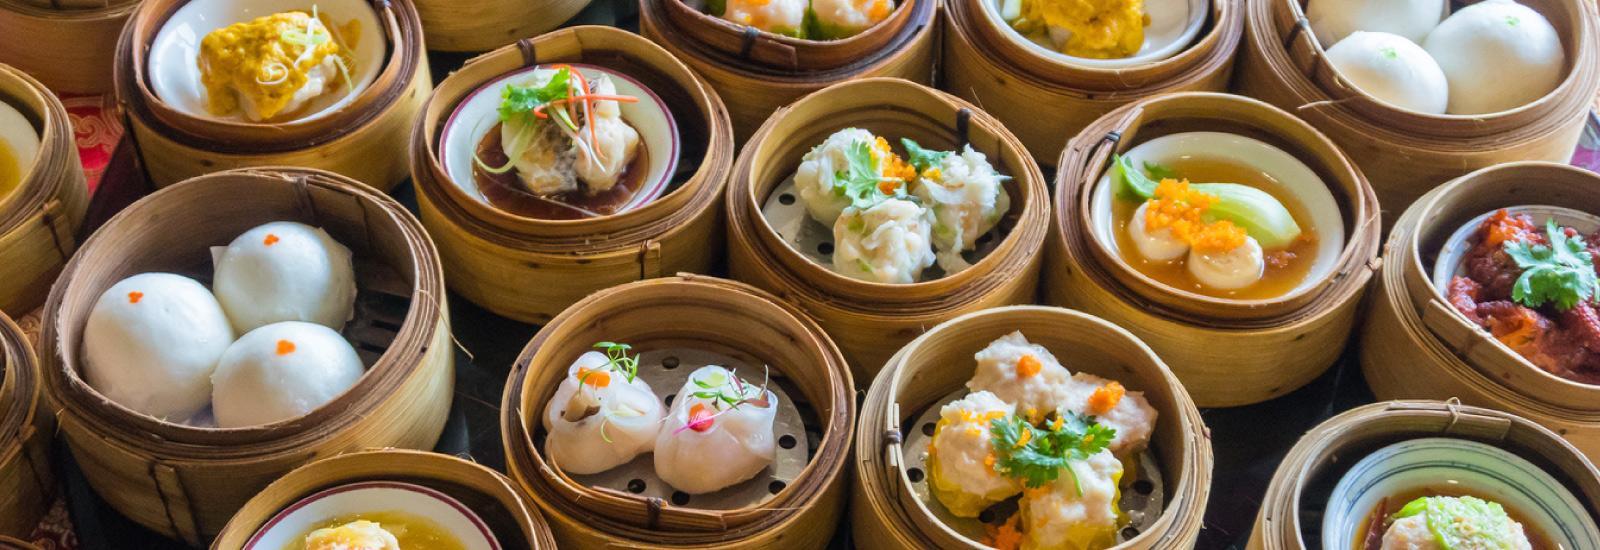 Chinese Restaurant Barstow, CA